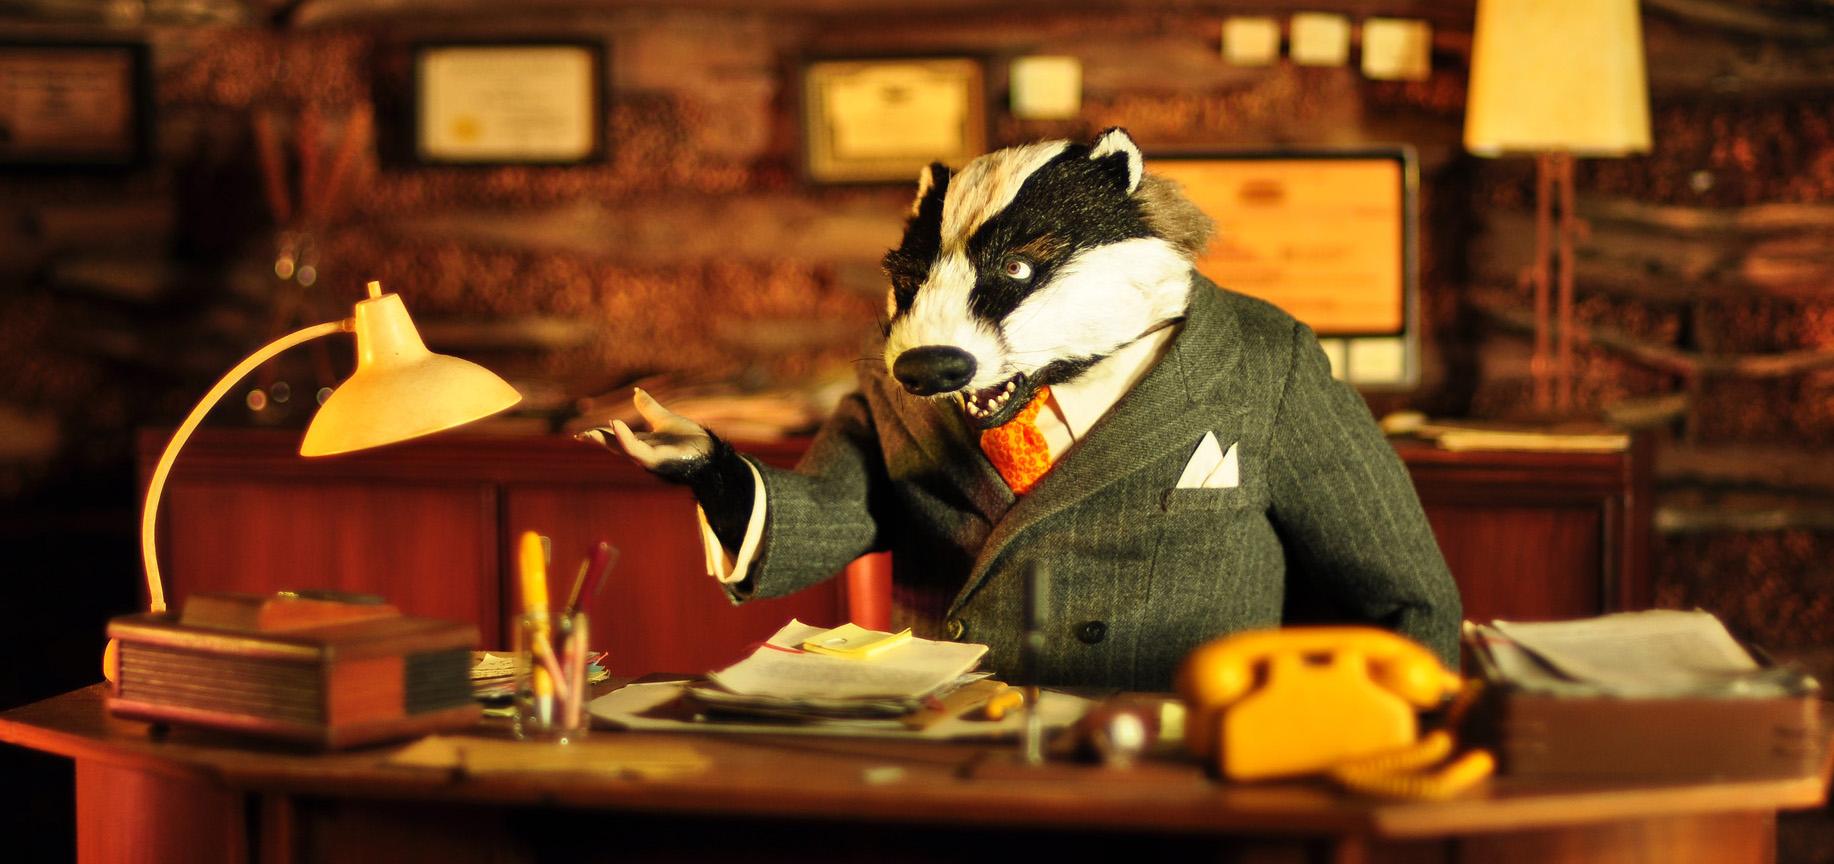 28. Badger Fantastic Mr. Fox